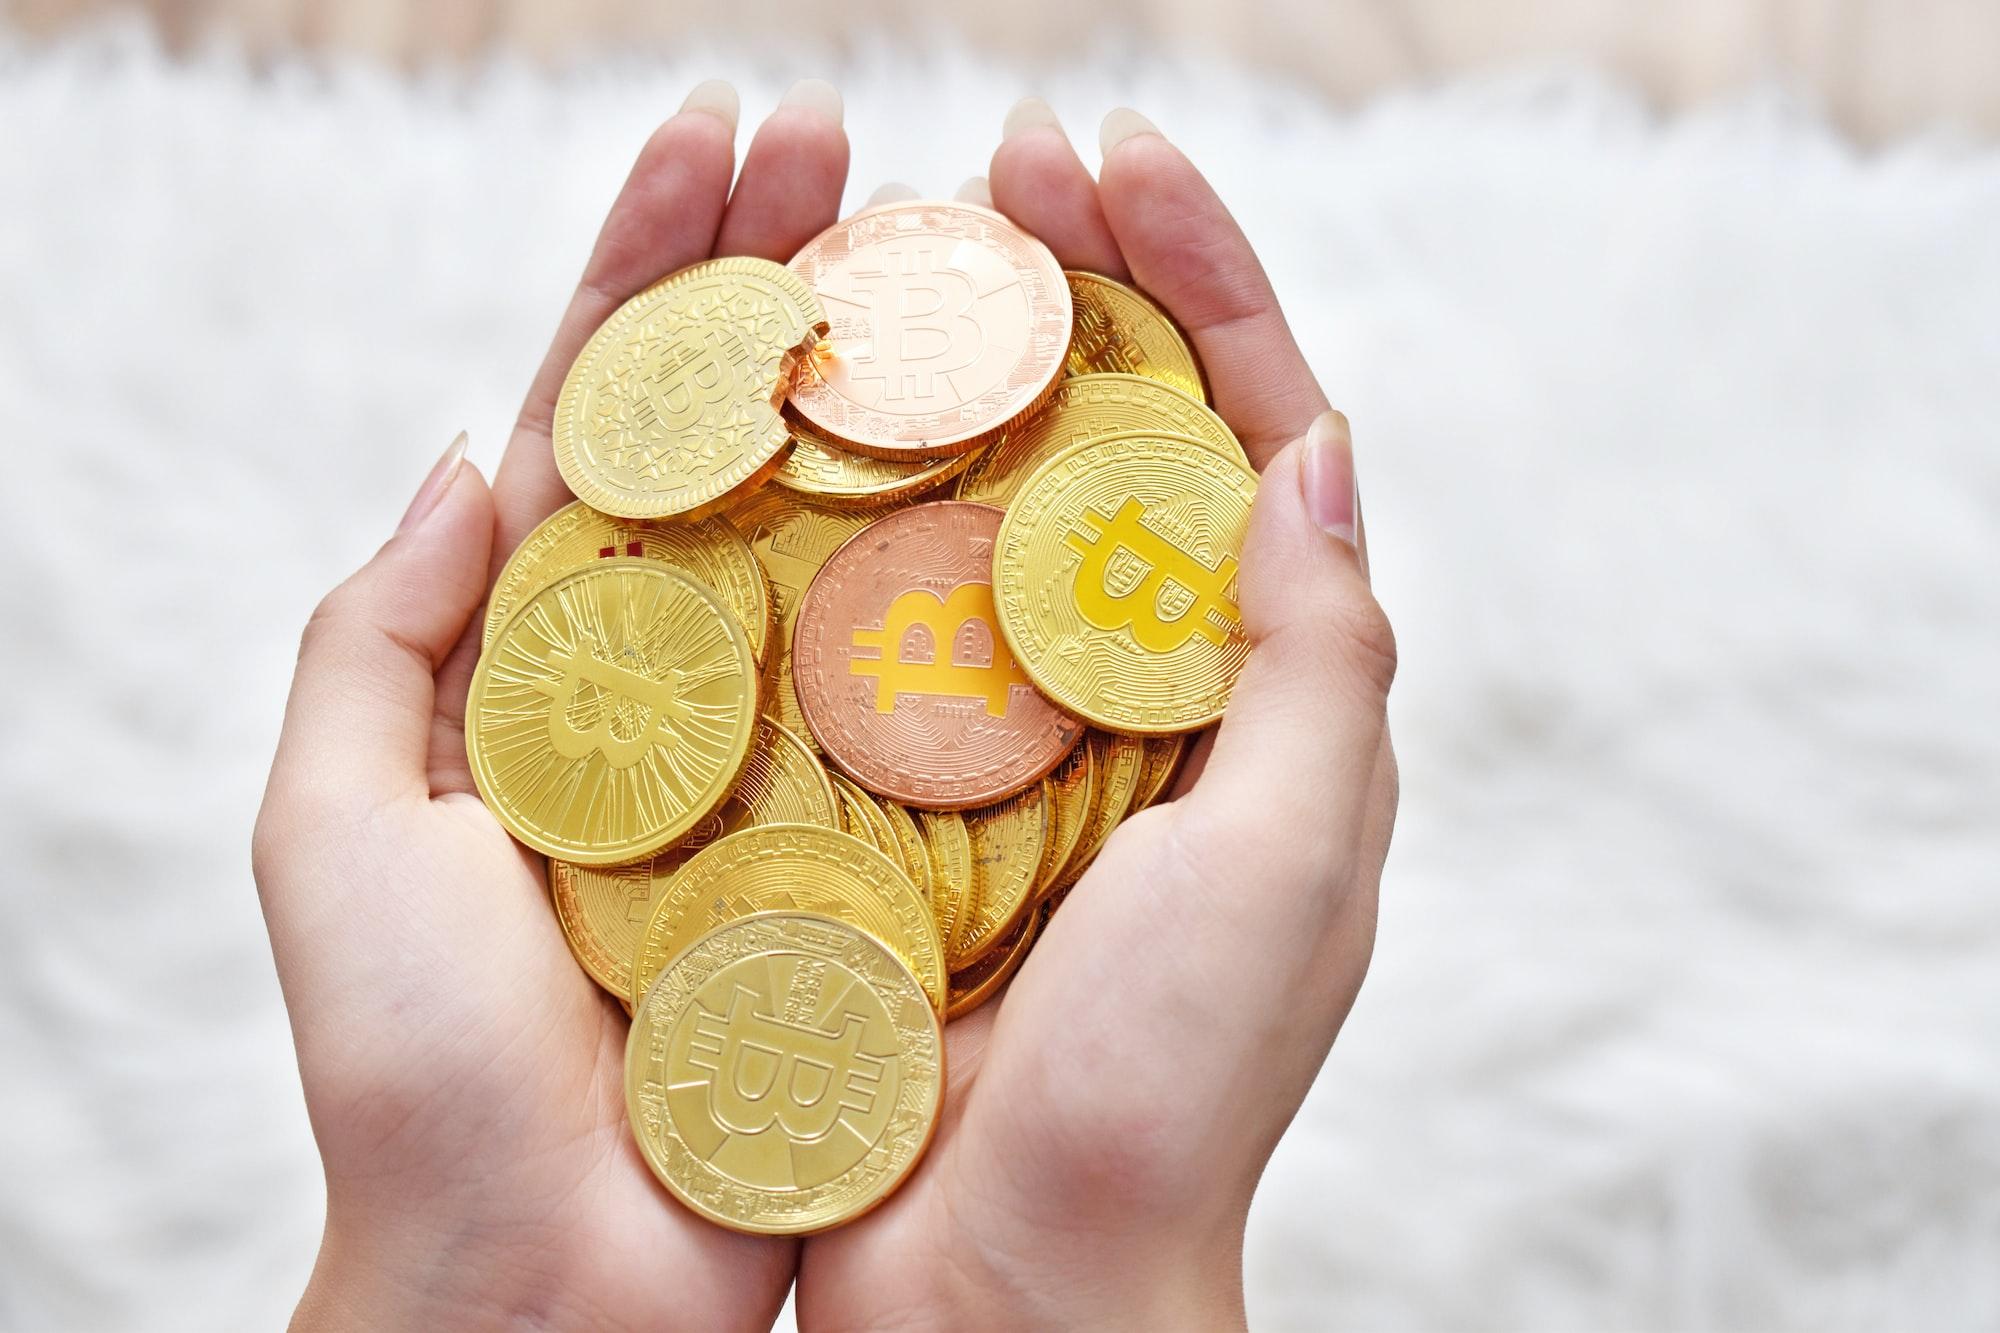 สถานะของ Bitcoin เปลี่ยนจาก 'ซื้อทำไม' เป็น 'ทำไมไม่ซื้อ'